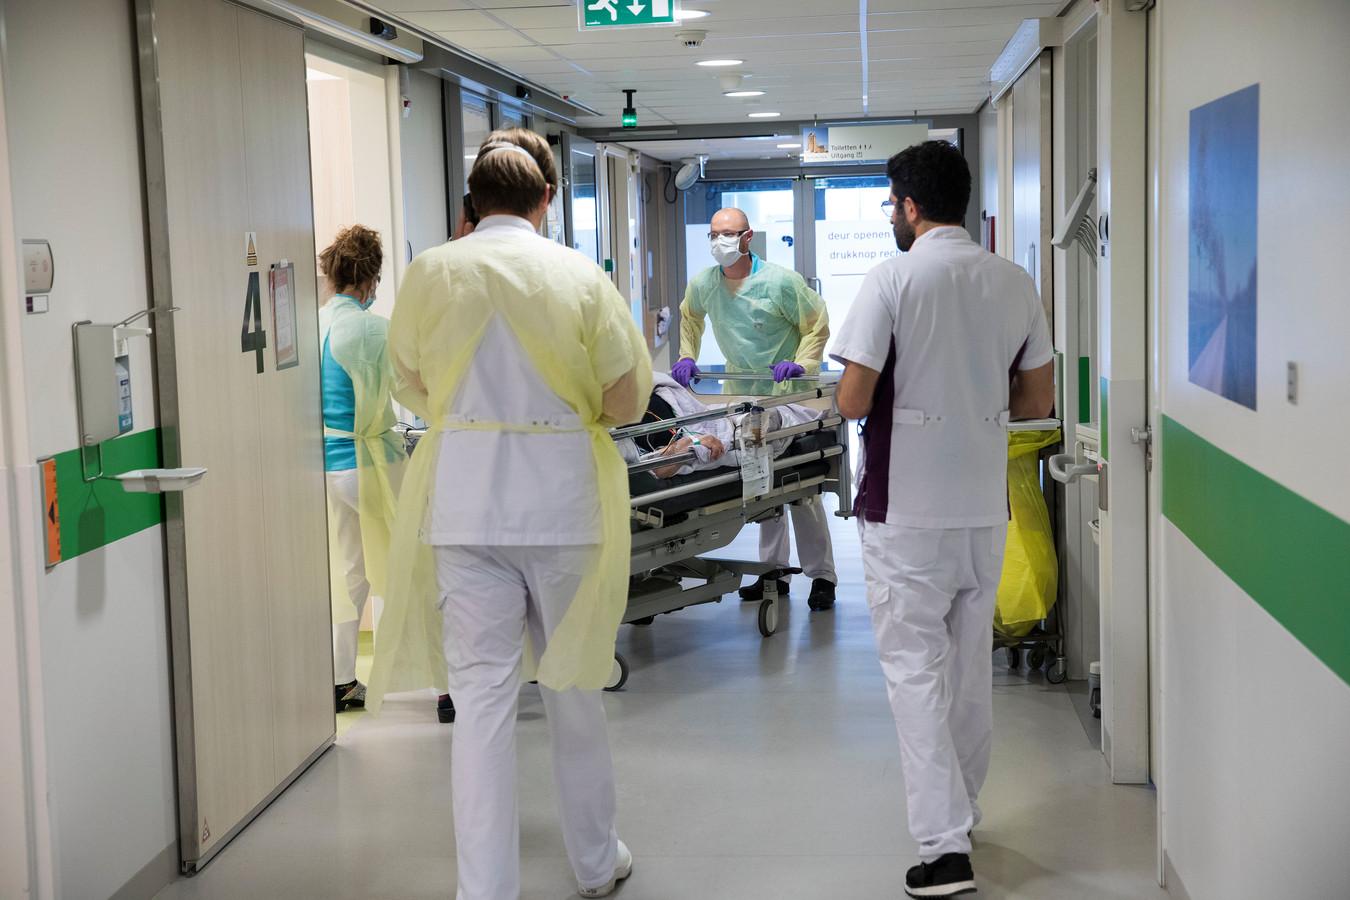 Archiefbeeld ter illustratie: de intensive care in het Albert Schweitzer Ziekenhuis in Dordrecht.